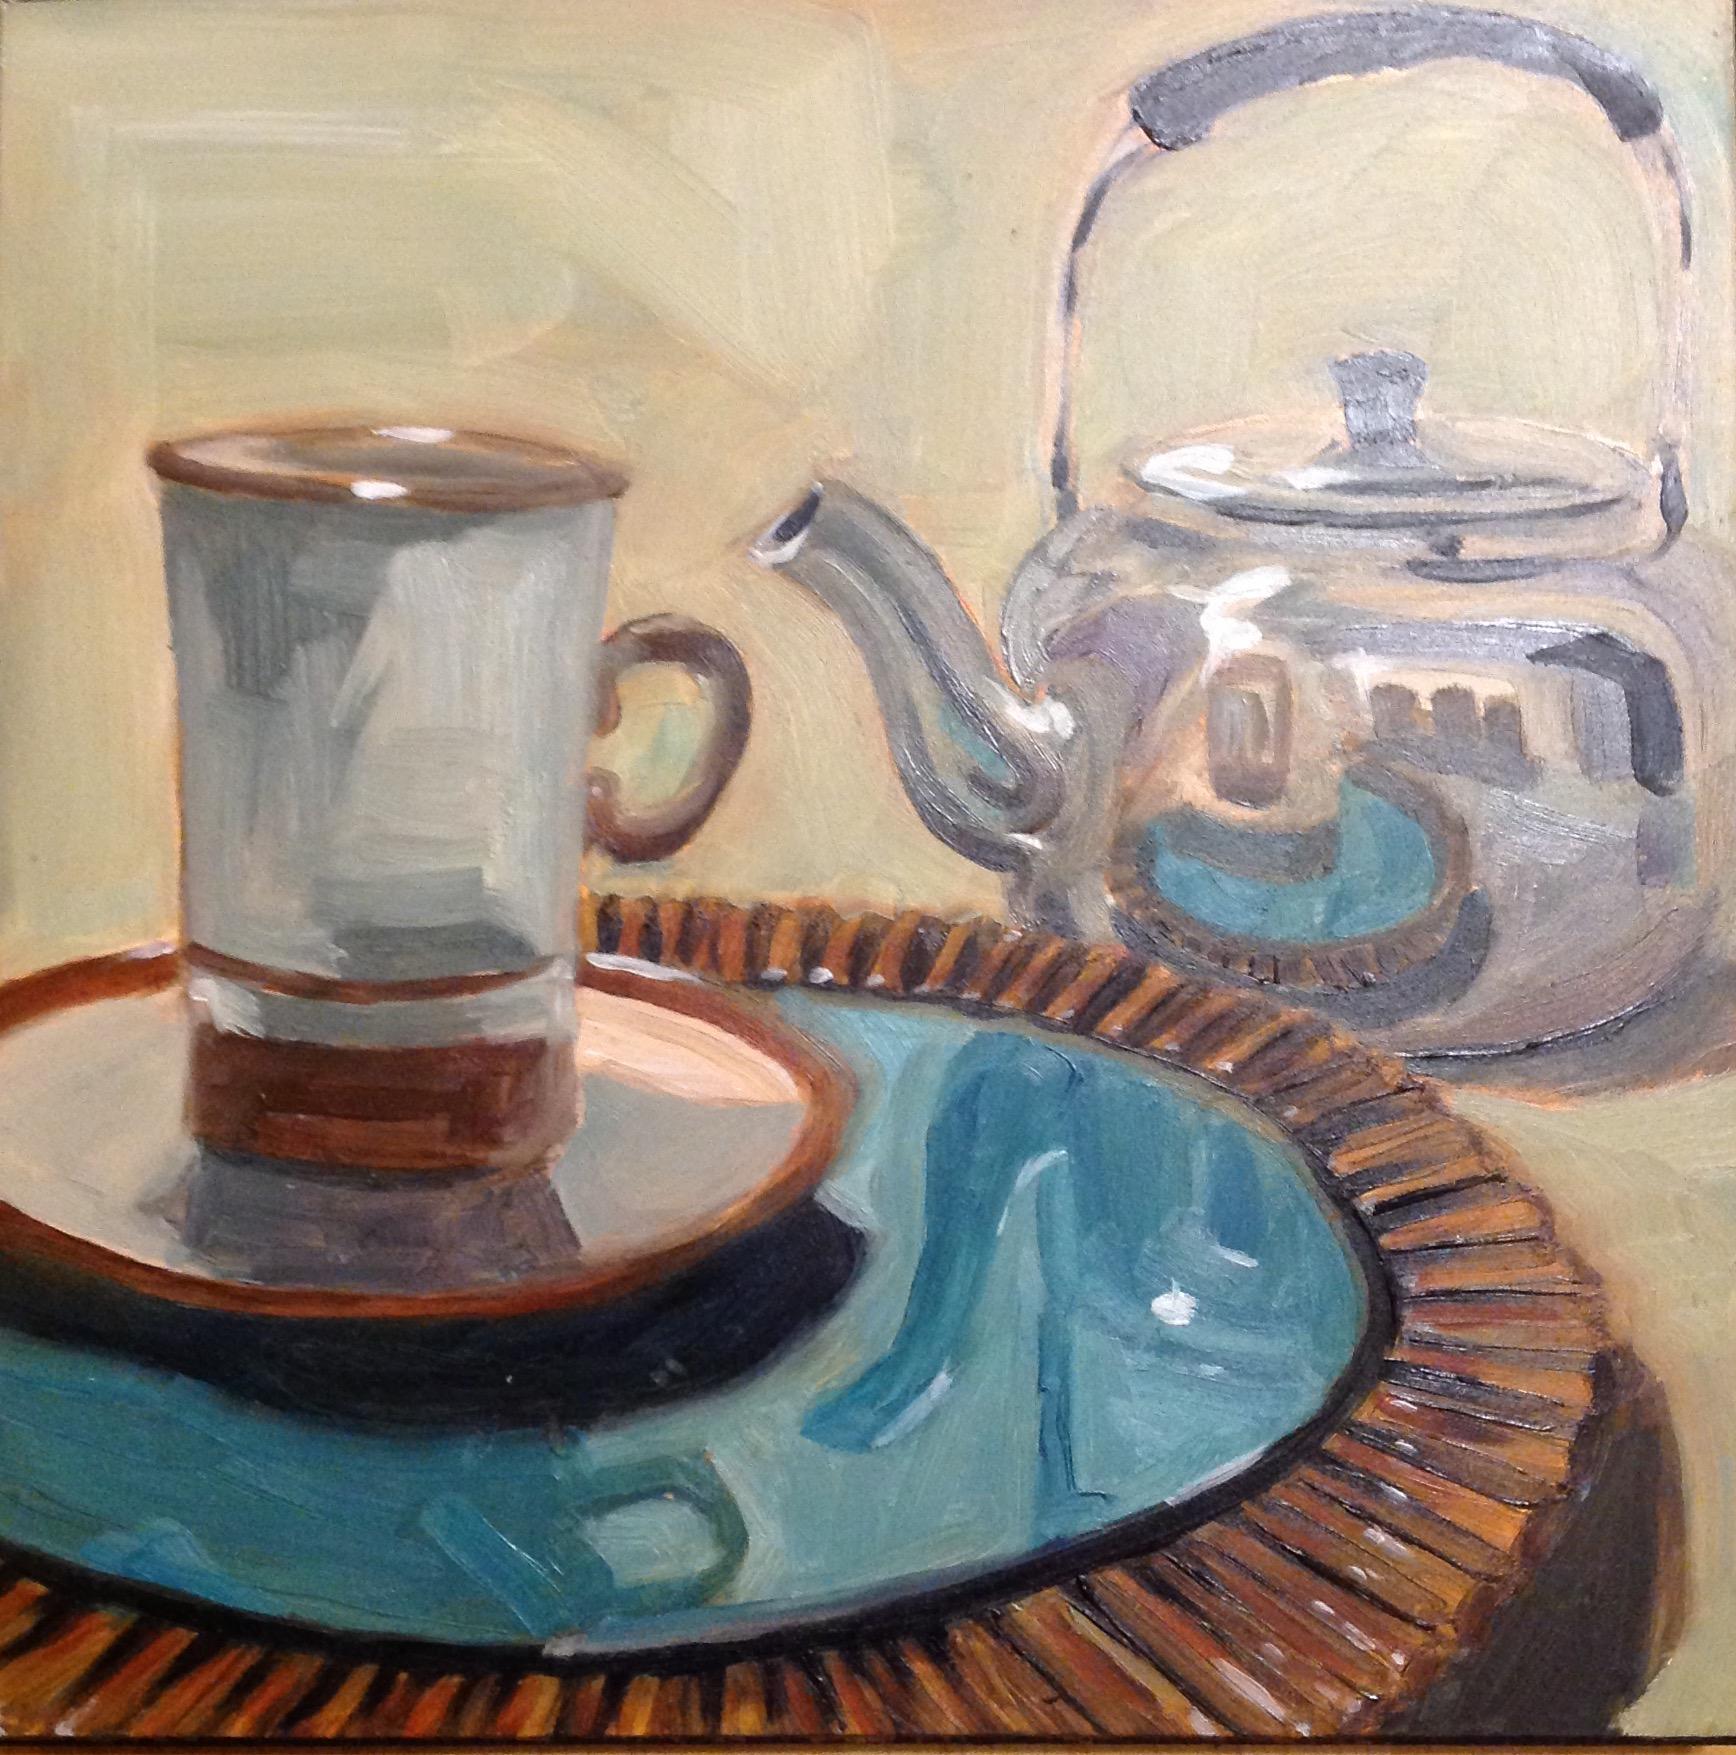 Kettle Series #8  by Sonja  Brown